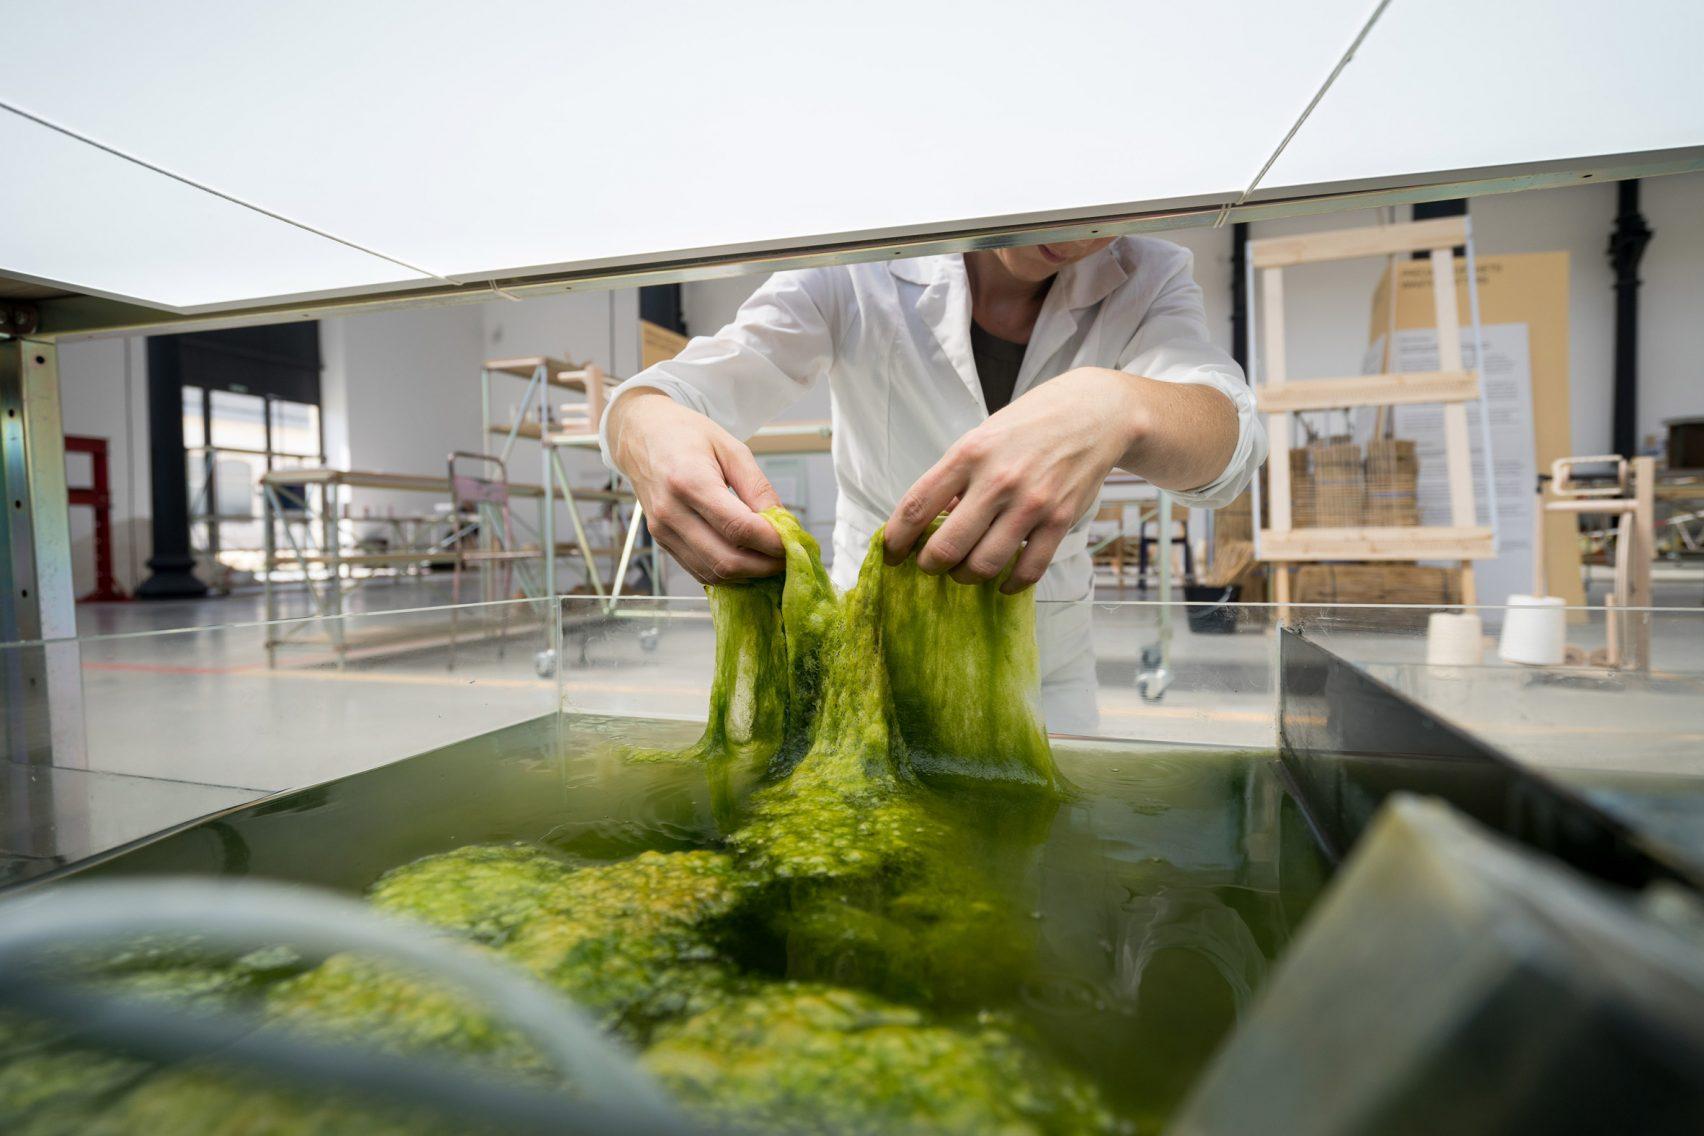 Designers holandeses transformam algas em bioplástico para impressão em 3D 2